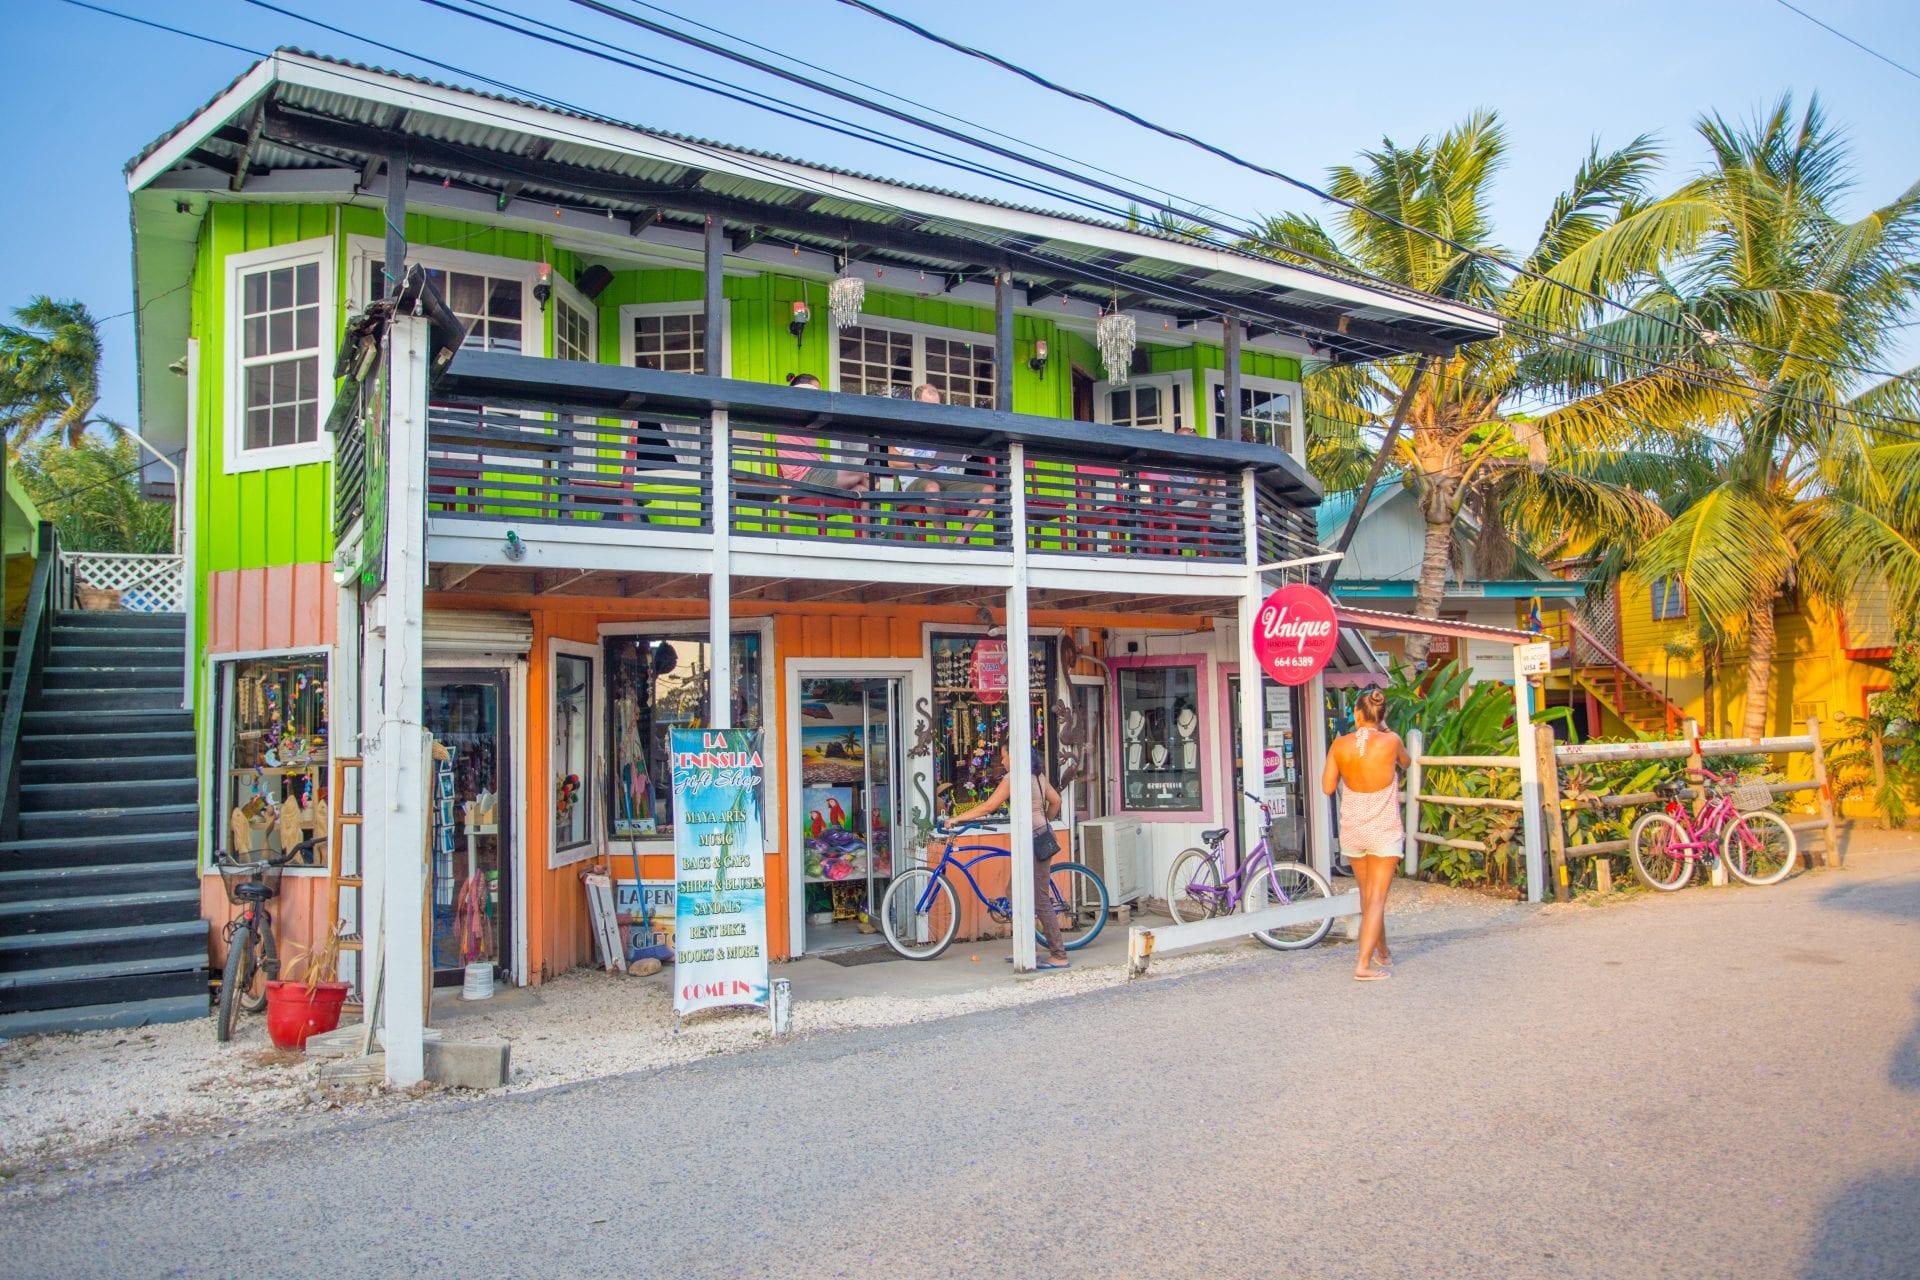 placencia-village-belize-beach-colorful-art